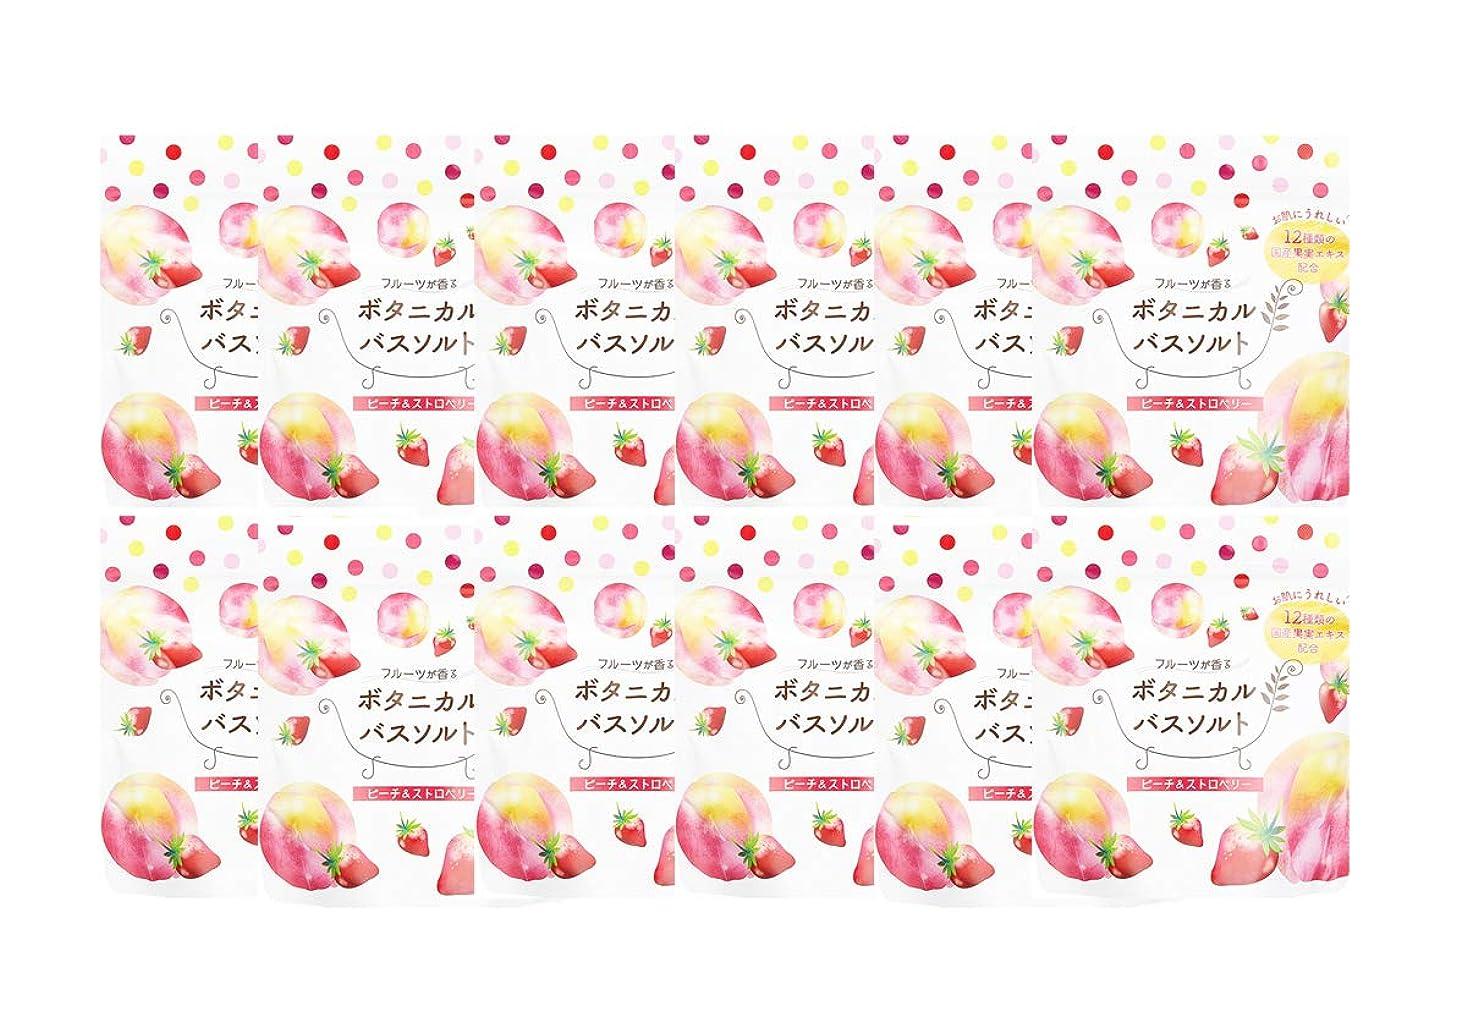 買い手メディカル乱雑な松田医薬品 フルーツが香るボタニカルバスソルト ピーチ&ストロベリー 30g 12個セット